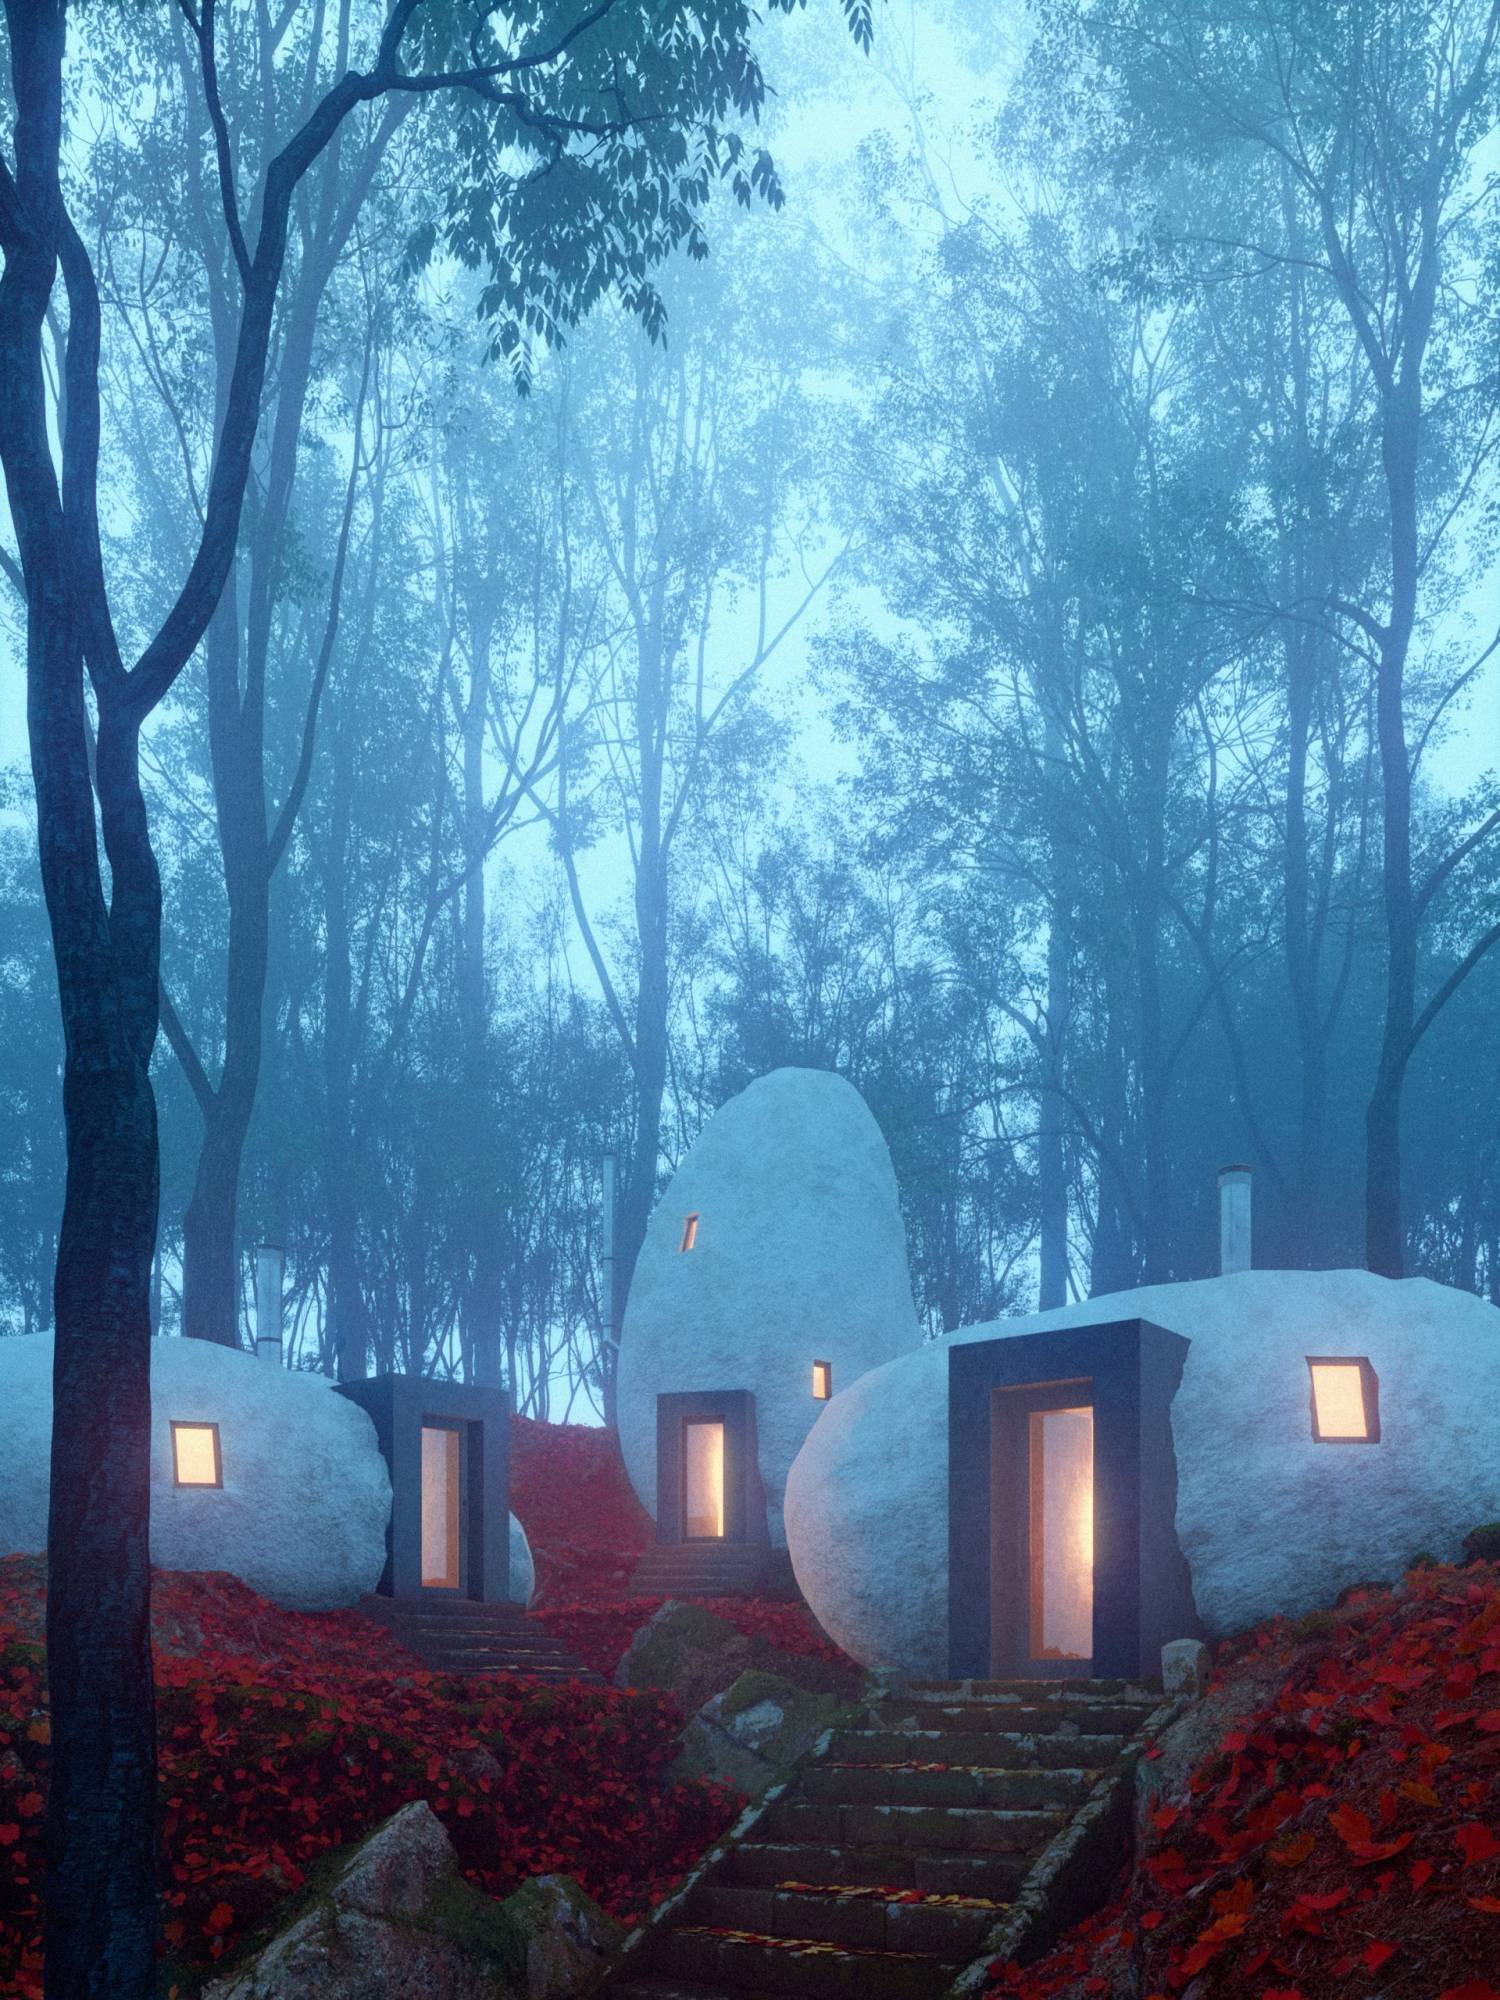 davit y mary jilavyan son los creadores del hotel boutique dolmen shelter 8